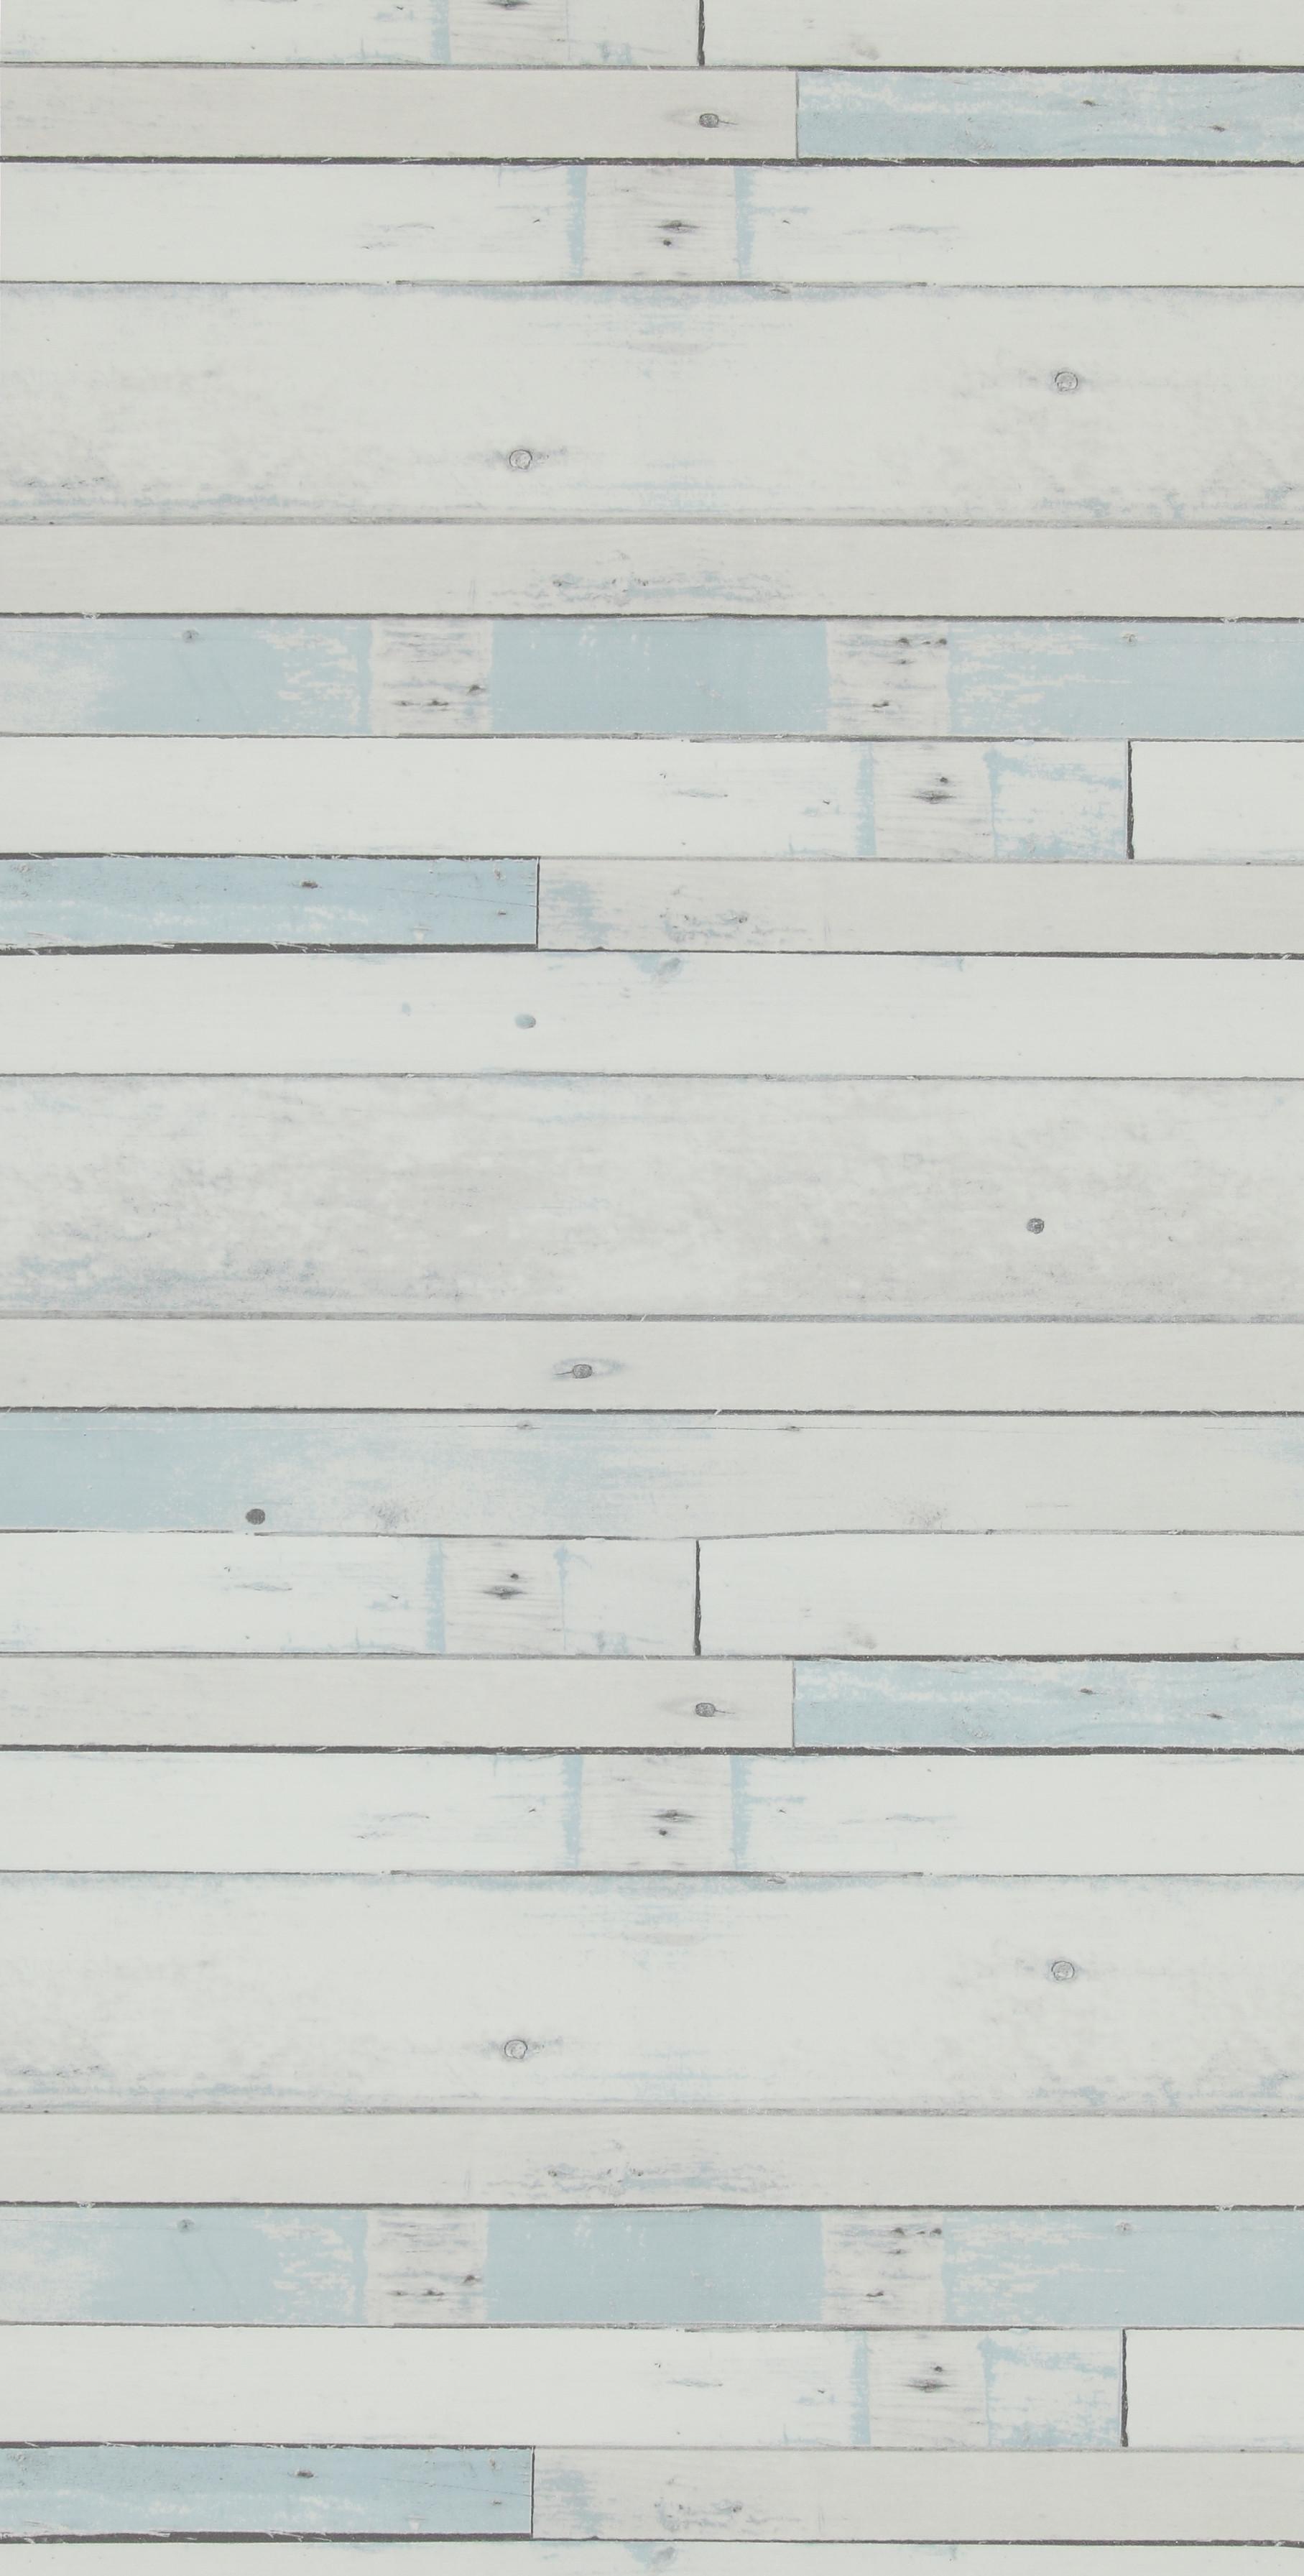 Res: 1815x3585, Hier bei xshyfc.com können Sie kostenlos herunterladen mehr als drei  Millionen Wallpaper Sammlungen von den Nutzern hochgeladen. Alle Bilder  sind CC0.